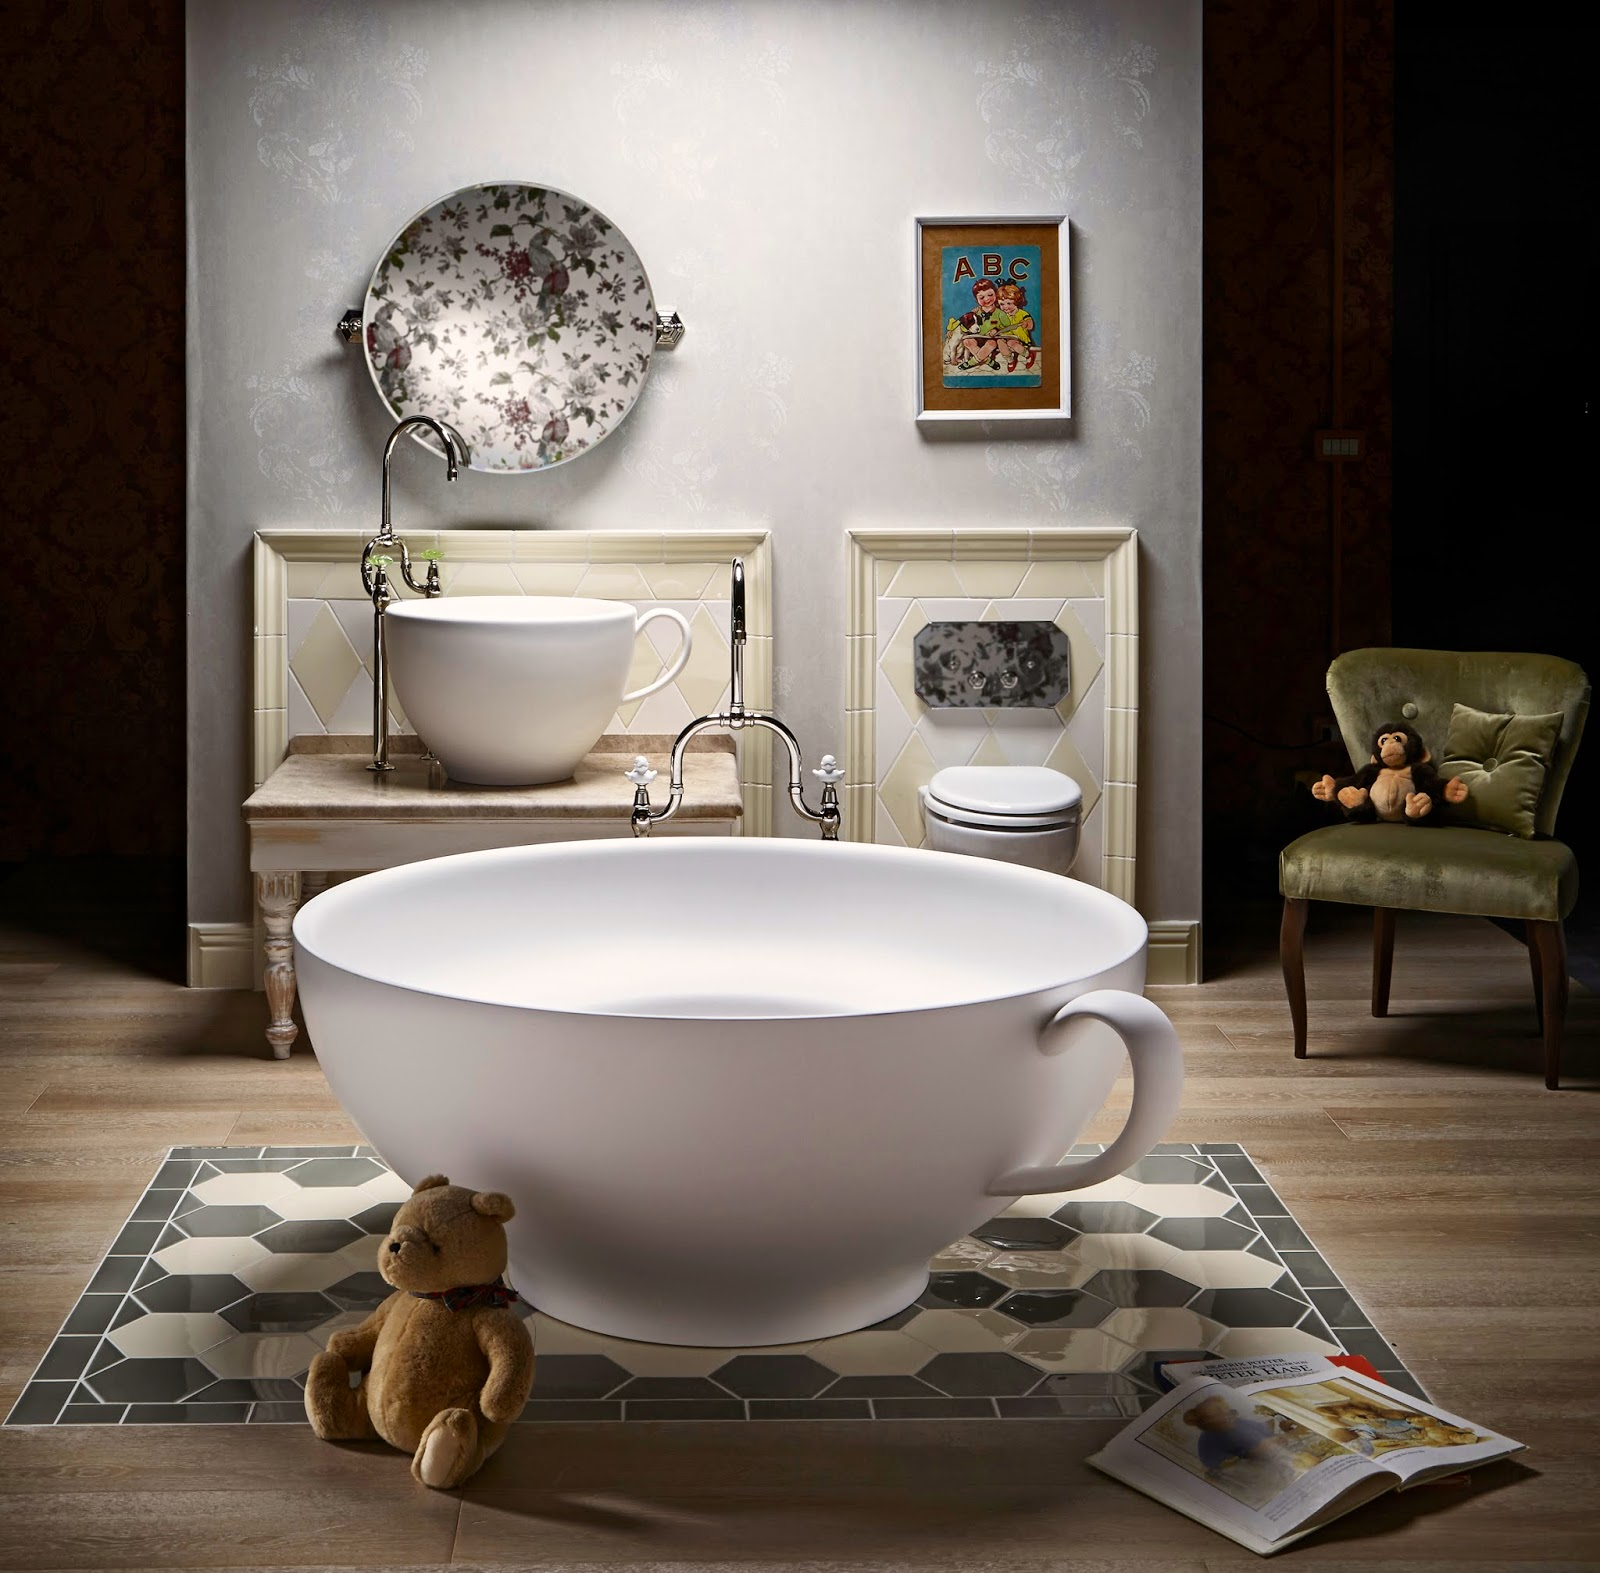 Avocado Bathroom Suite Kbculture March 2015